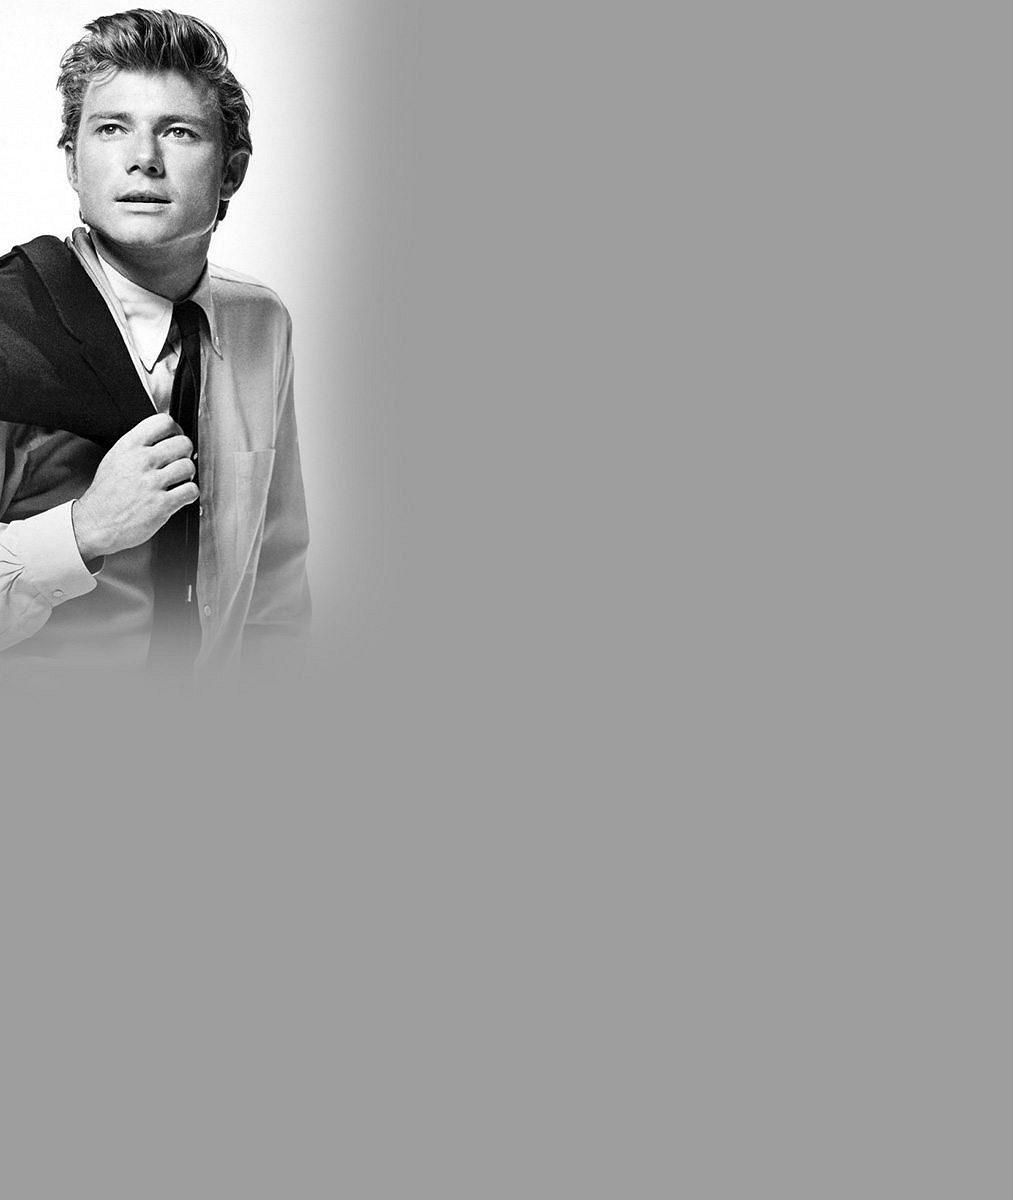 Herec (✝77), přirovnávaný k Jamesi Deanovi, se nahoty nebál: Takhle se na plátně obnažil jako biblický Adam